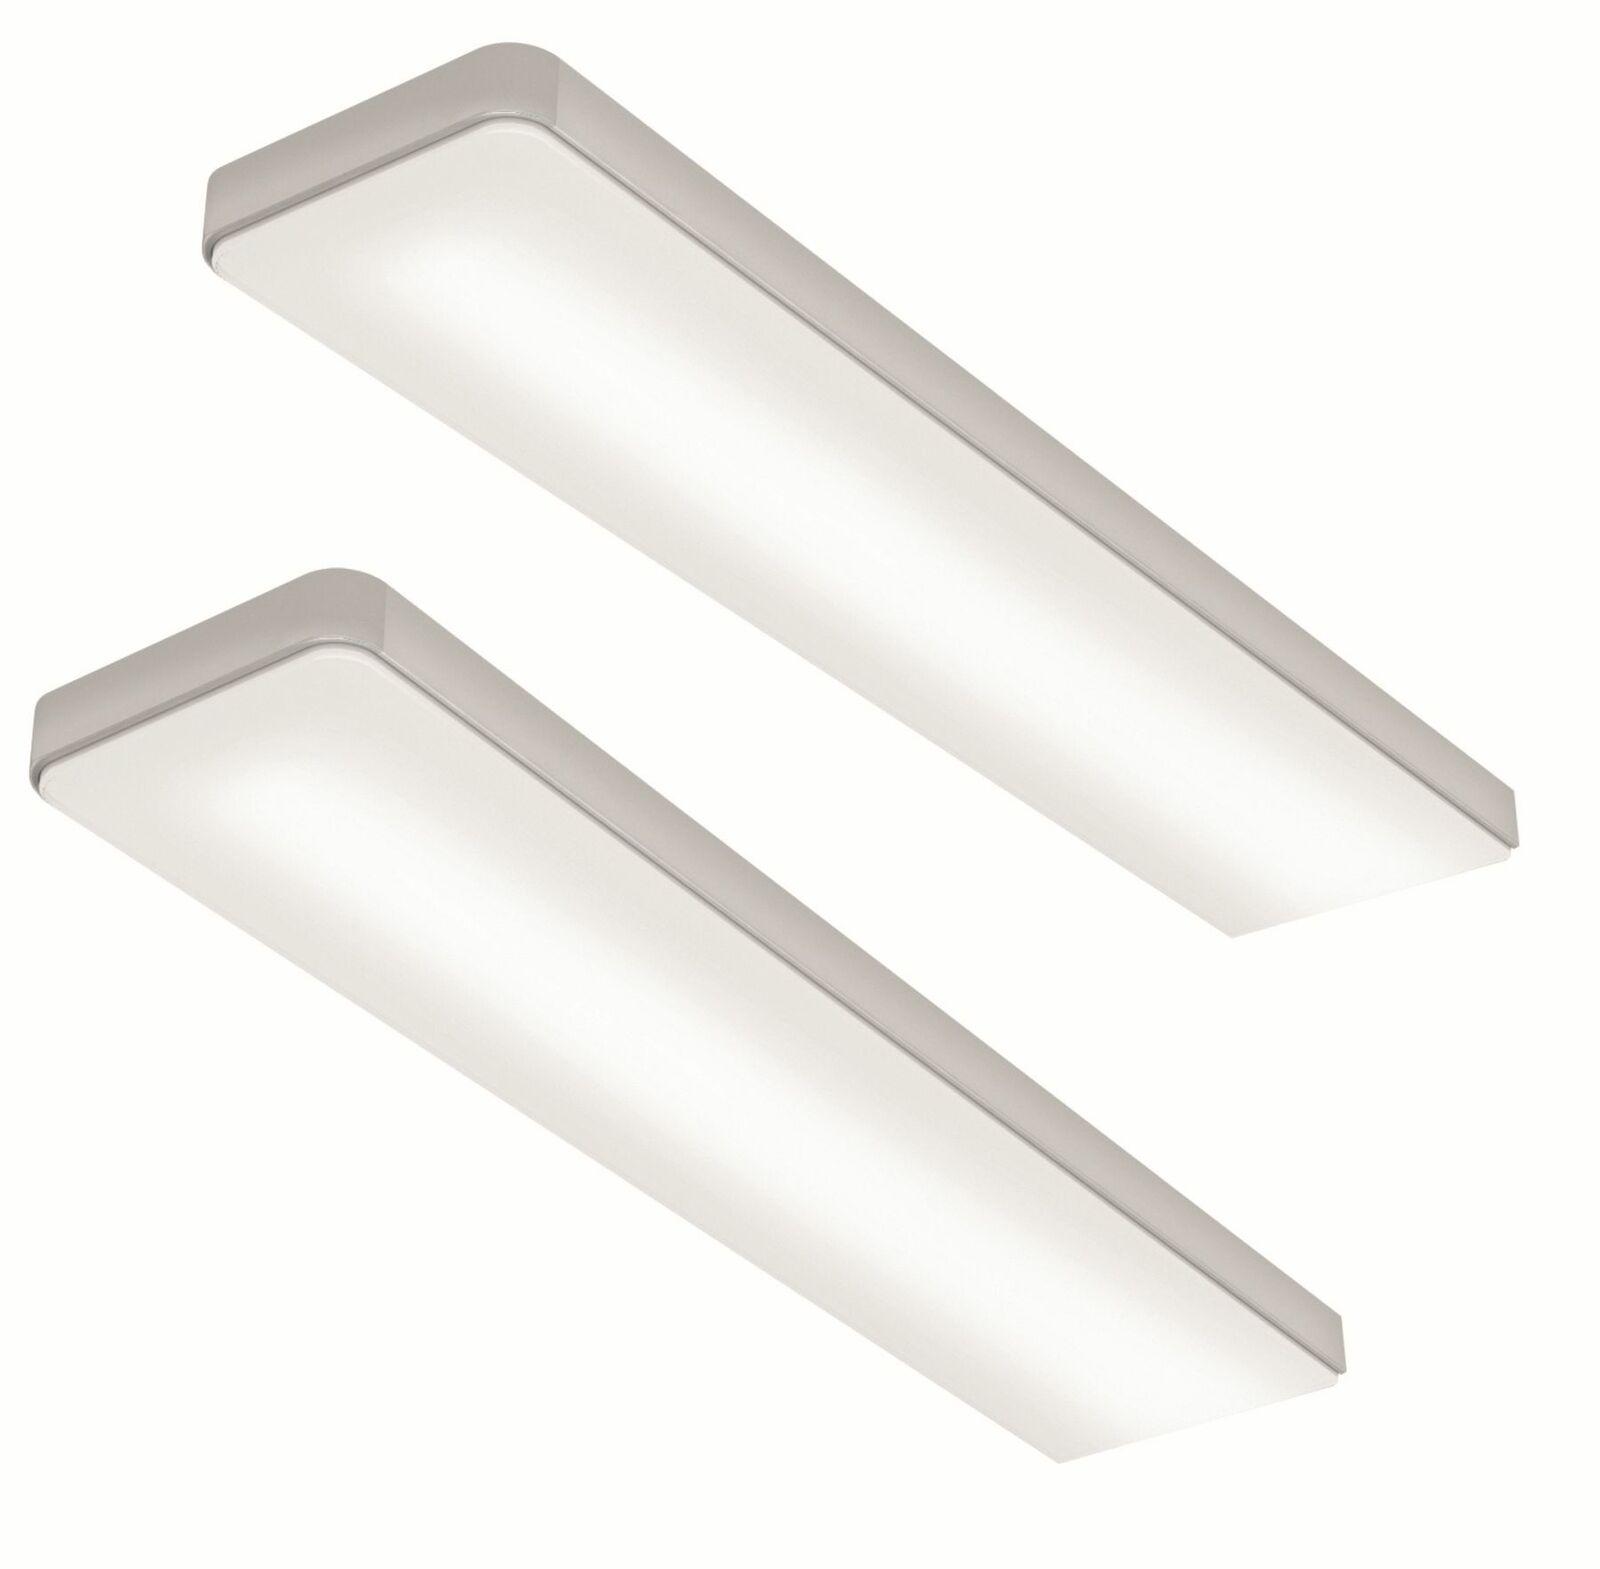 LED Küchen Unterbauleuchte KEY SCREEN CHANGE 2 x 6 W Lichtfarbe ...